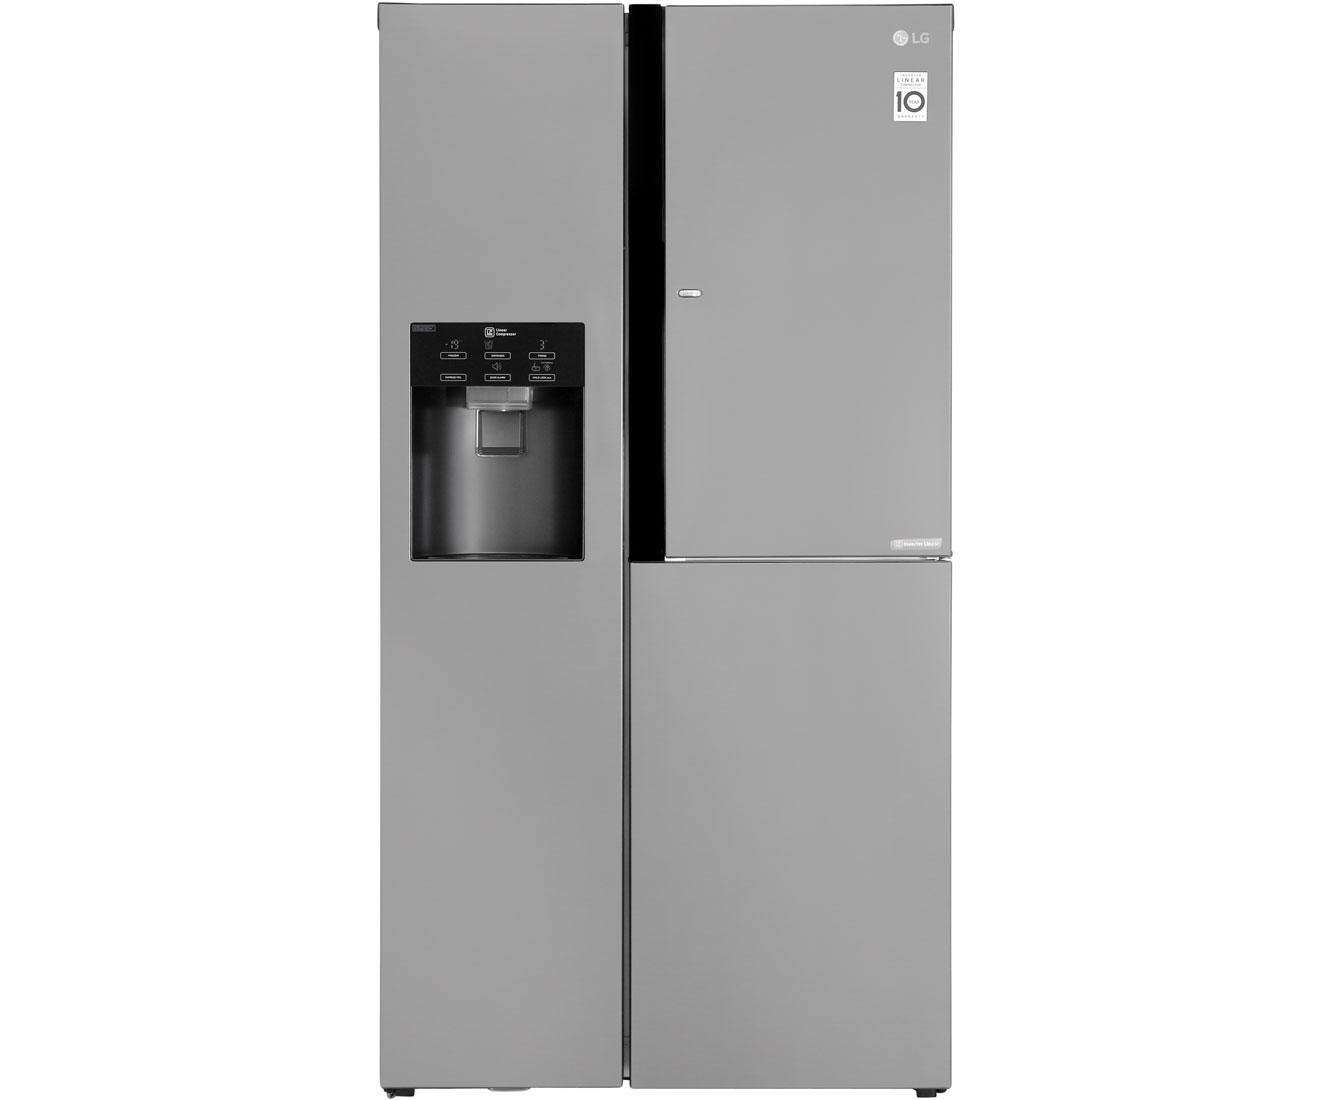 Side By Side Kühlschrank Preis Leistung : Kundenbewertungen lg gsj didv side by side graphit